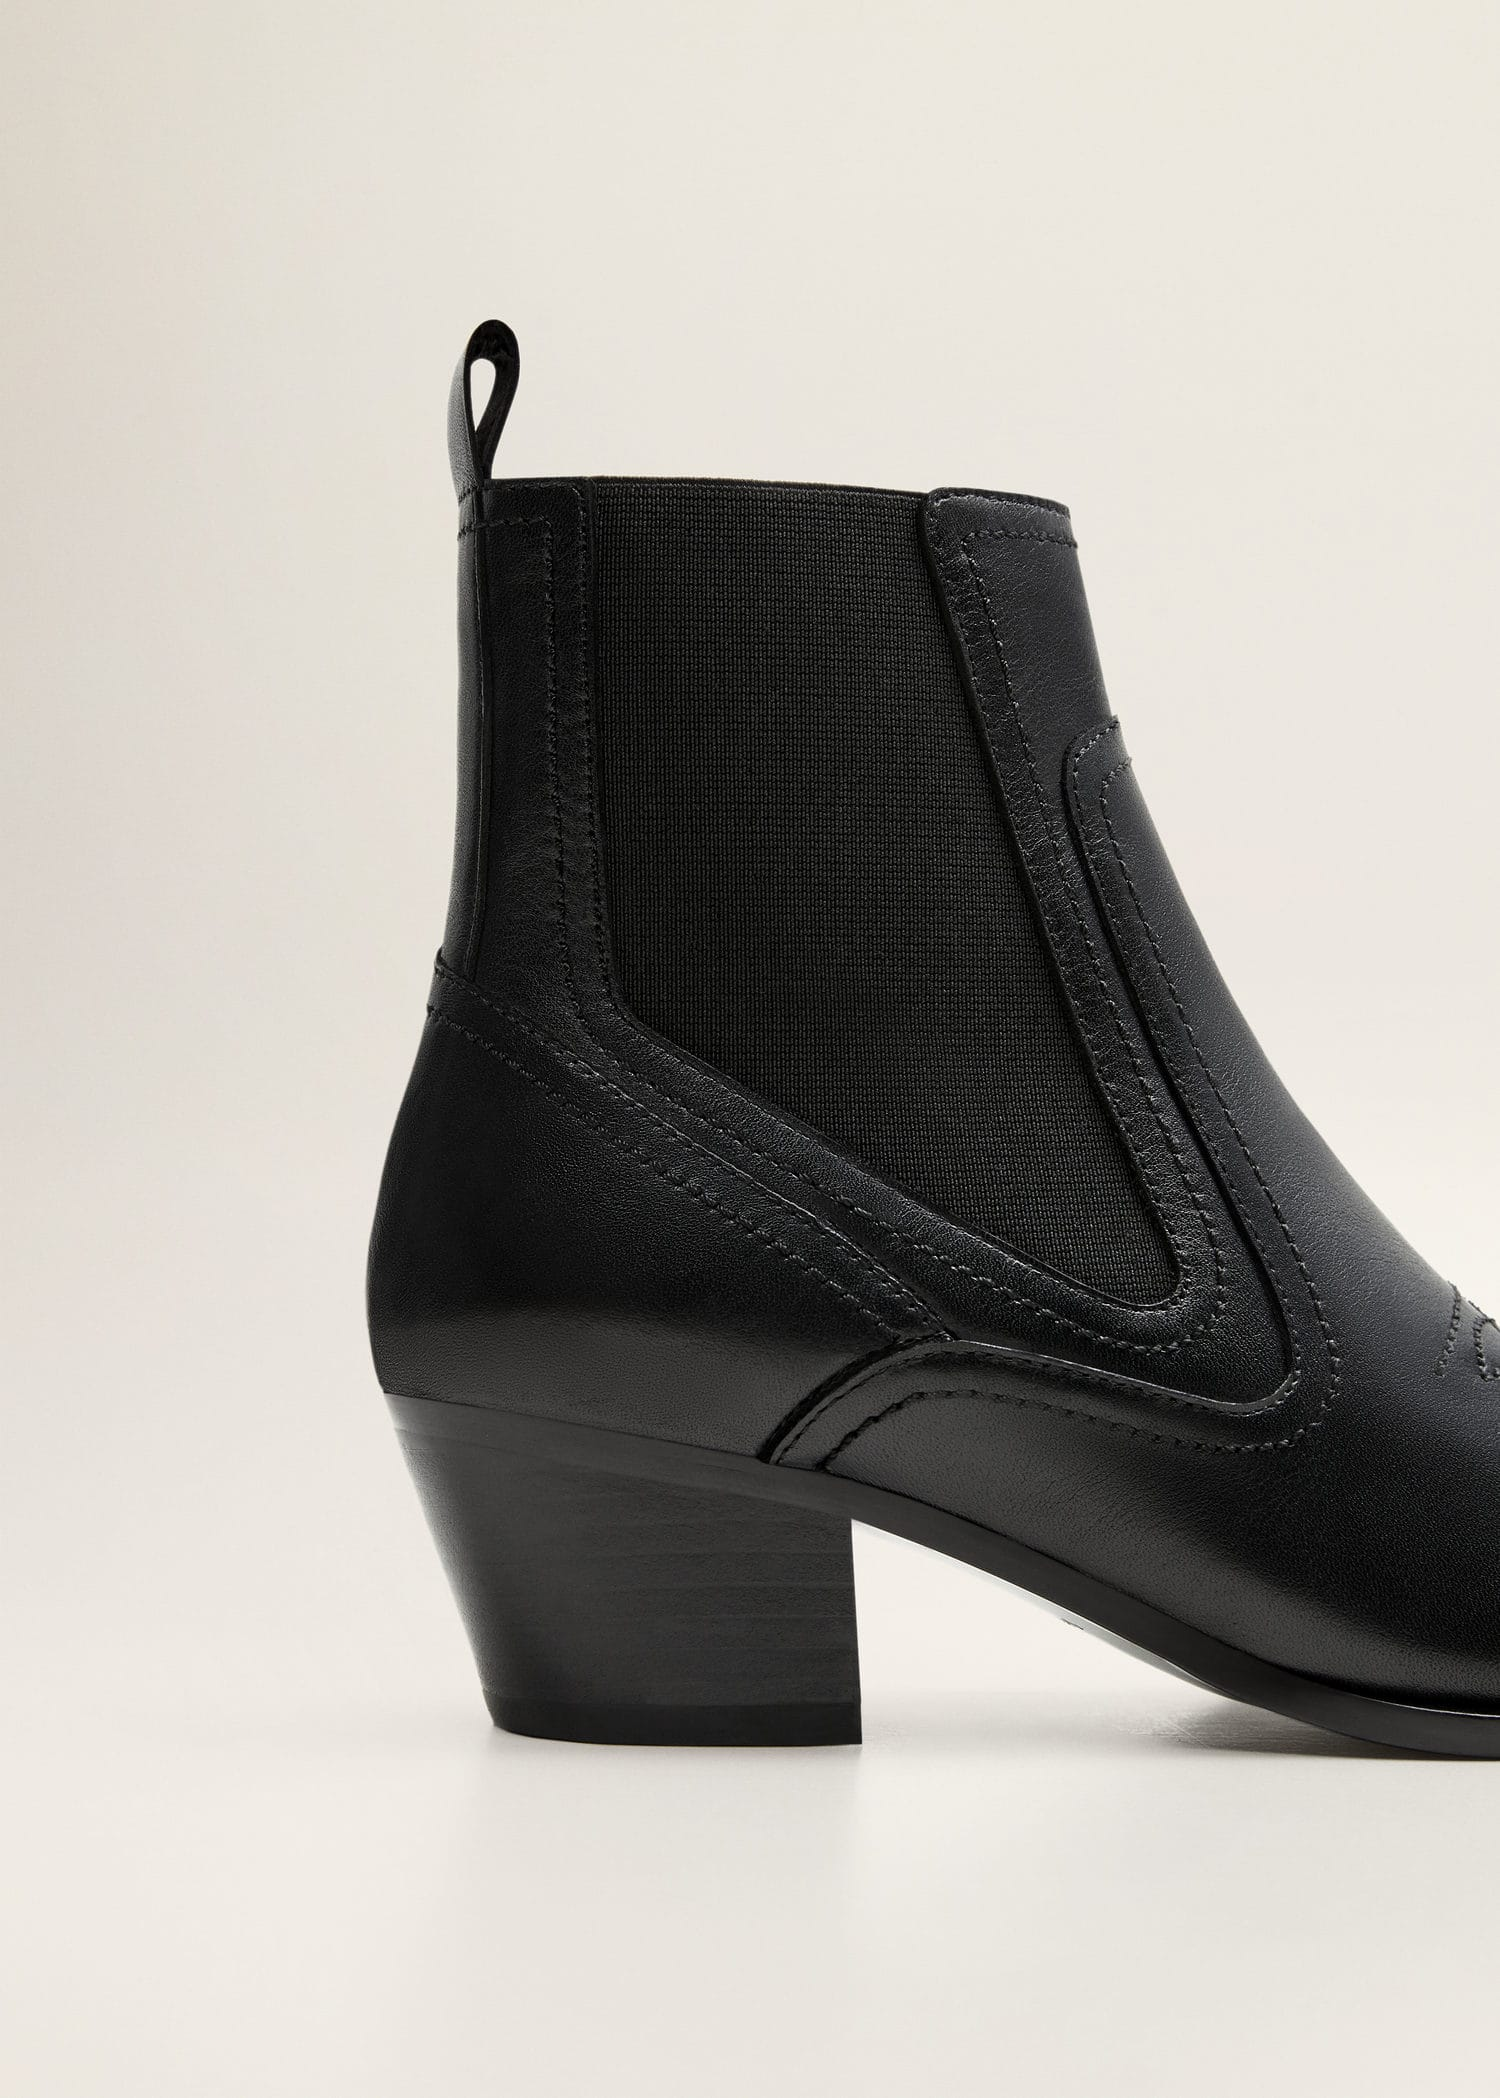 Bottines en cuir noir Femme à plaque métallique | Jonak